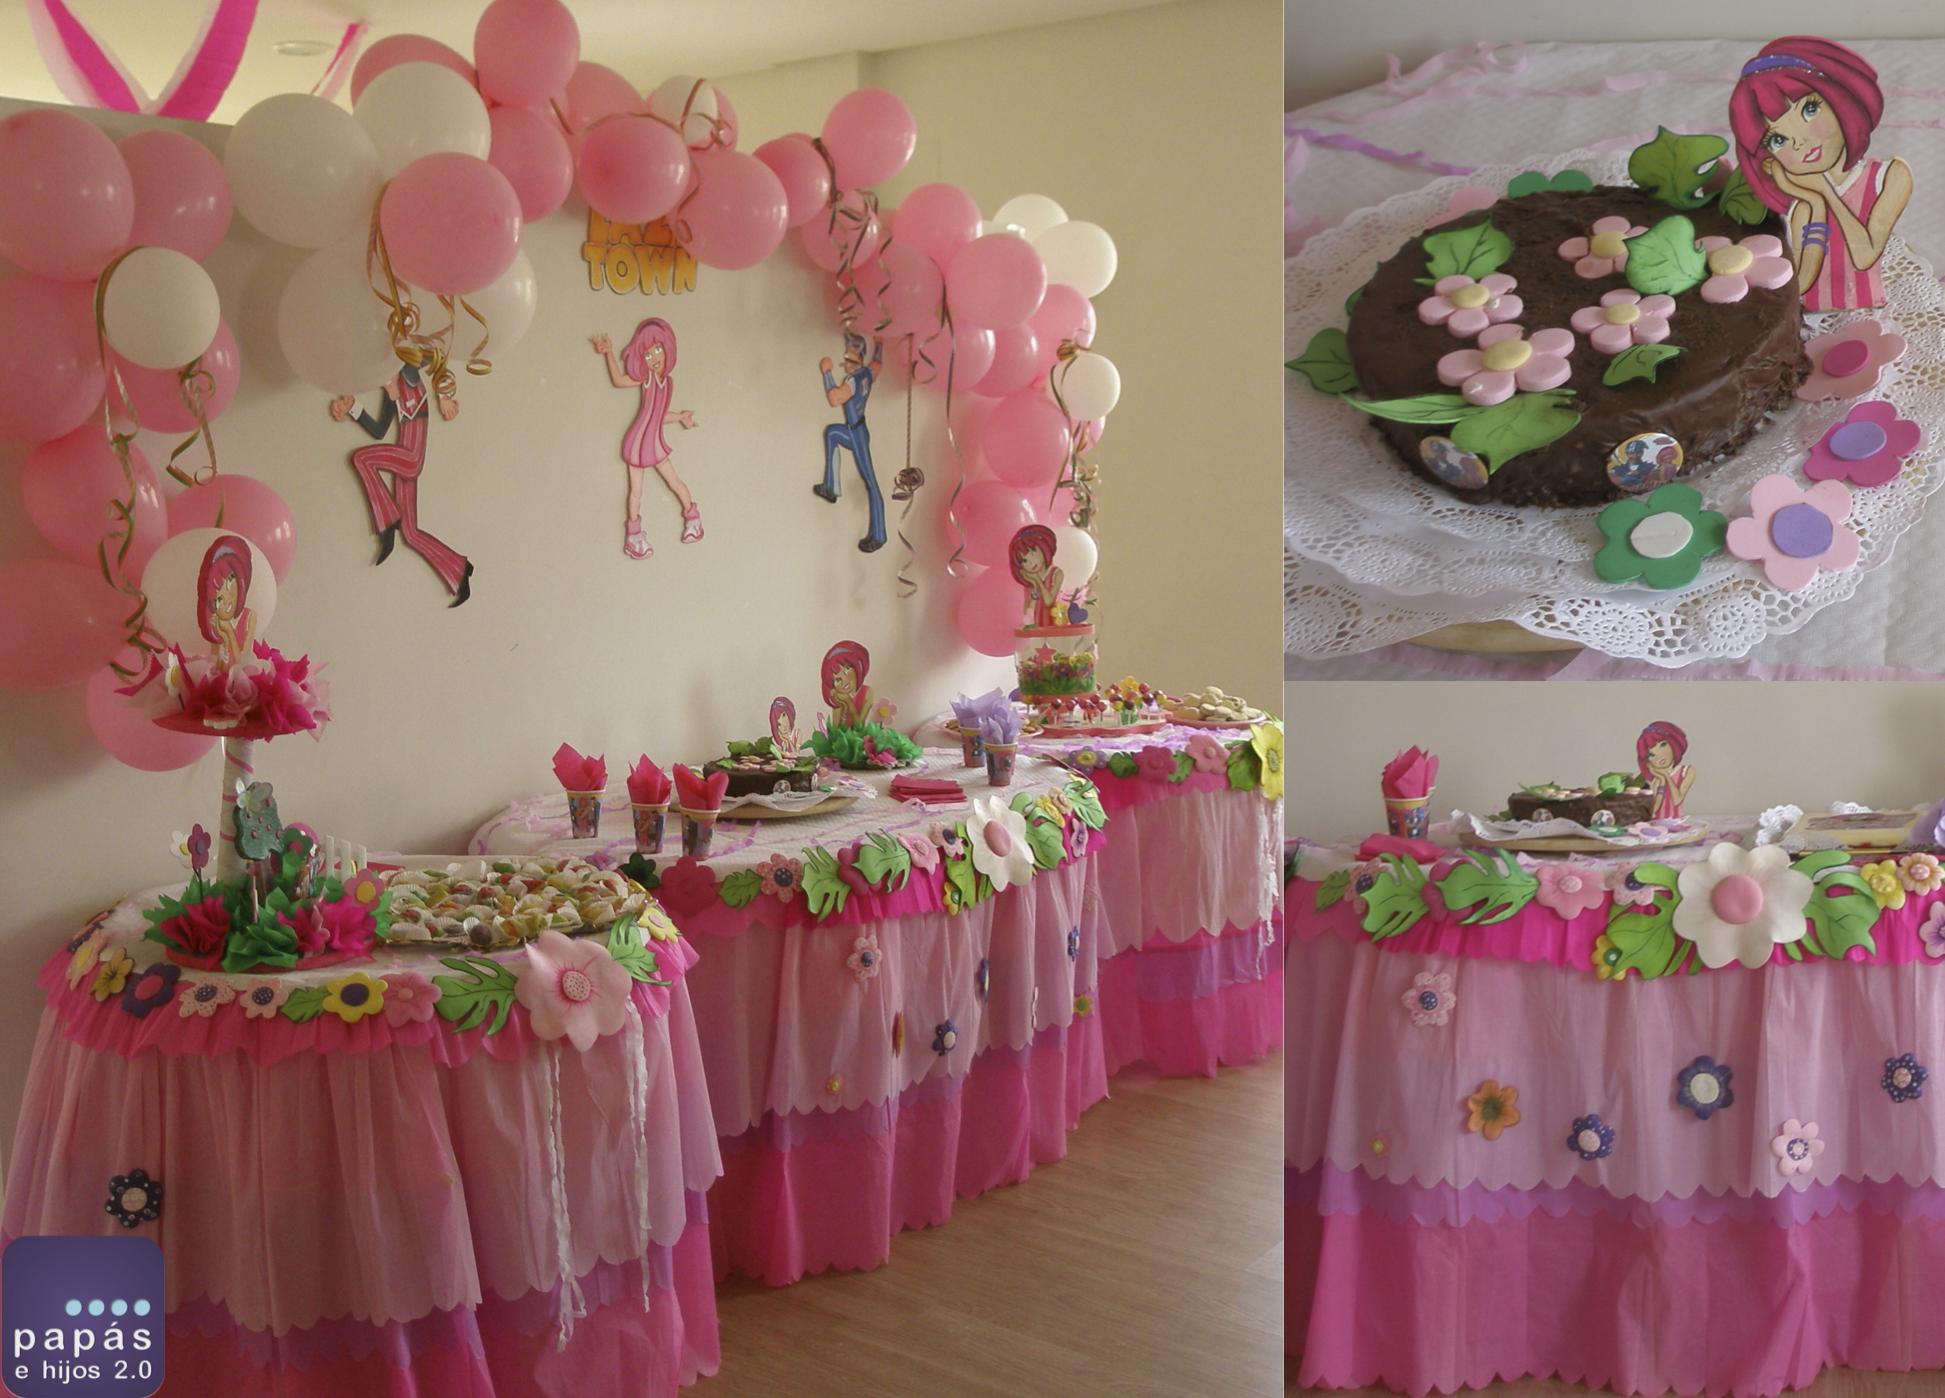 Fiesta de cumplea os con decoraci n de lazy town - Decoracion fiestas cumpleanos ...